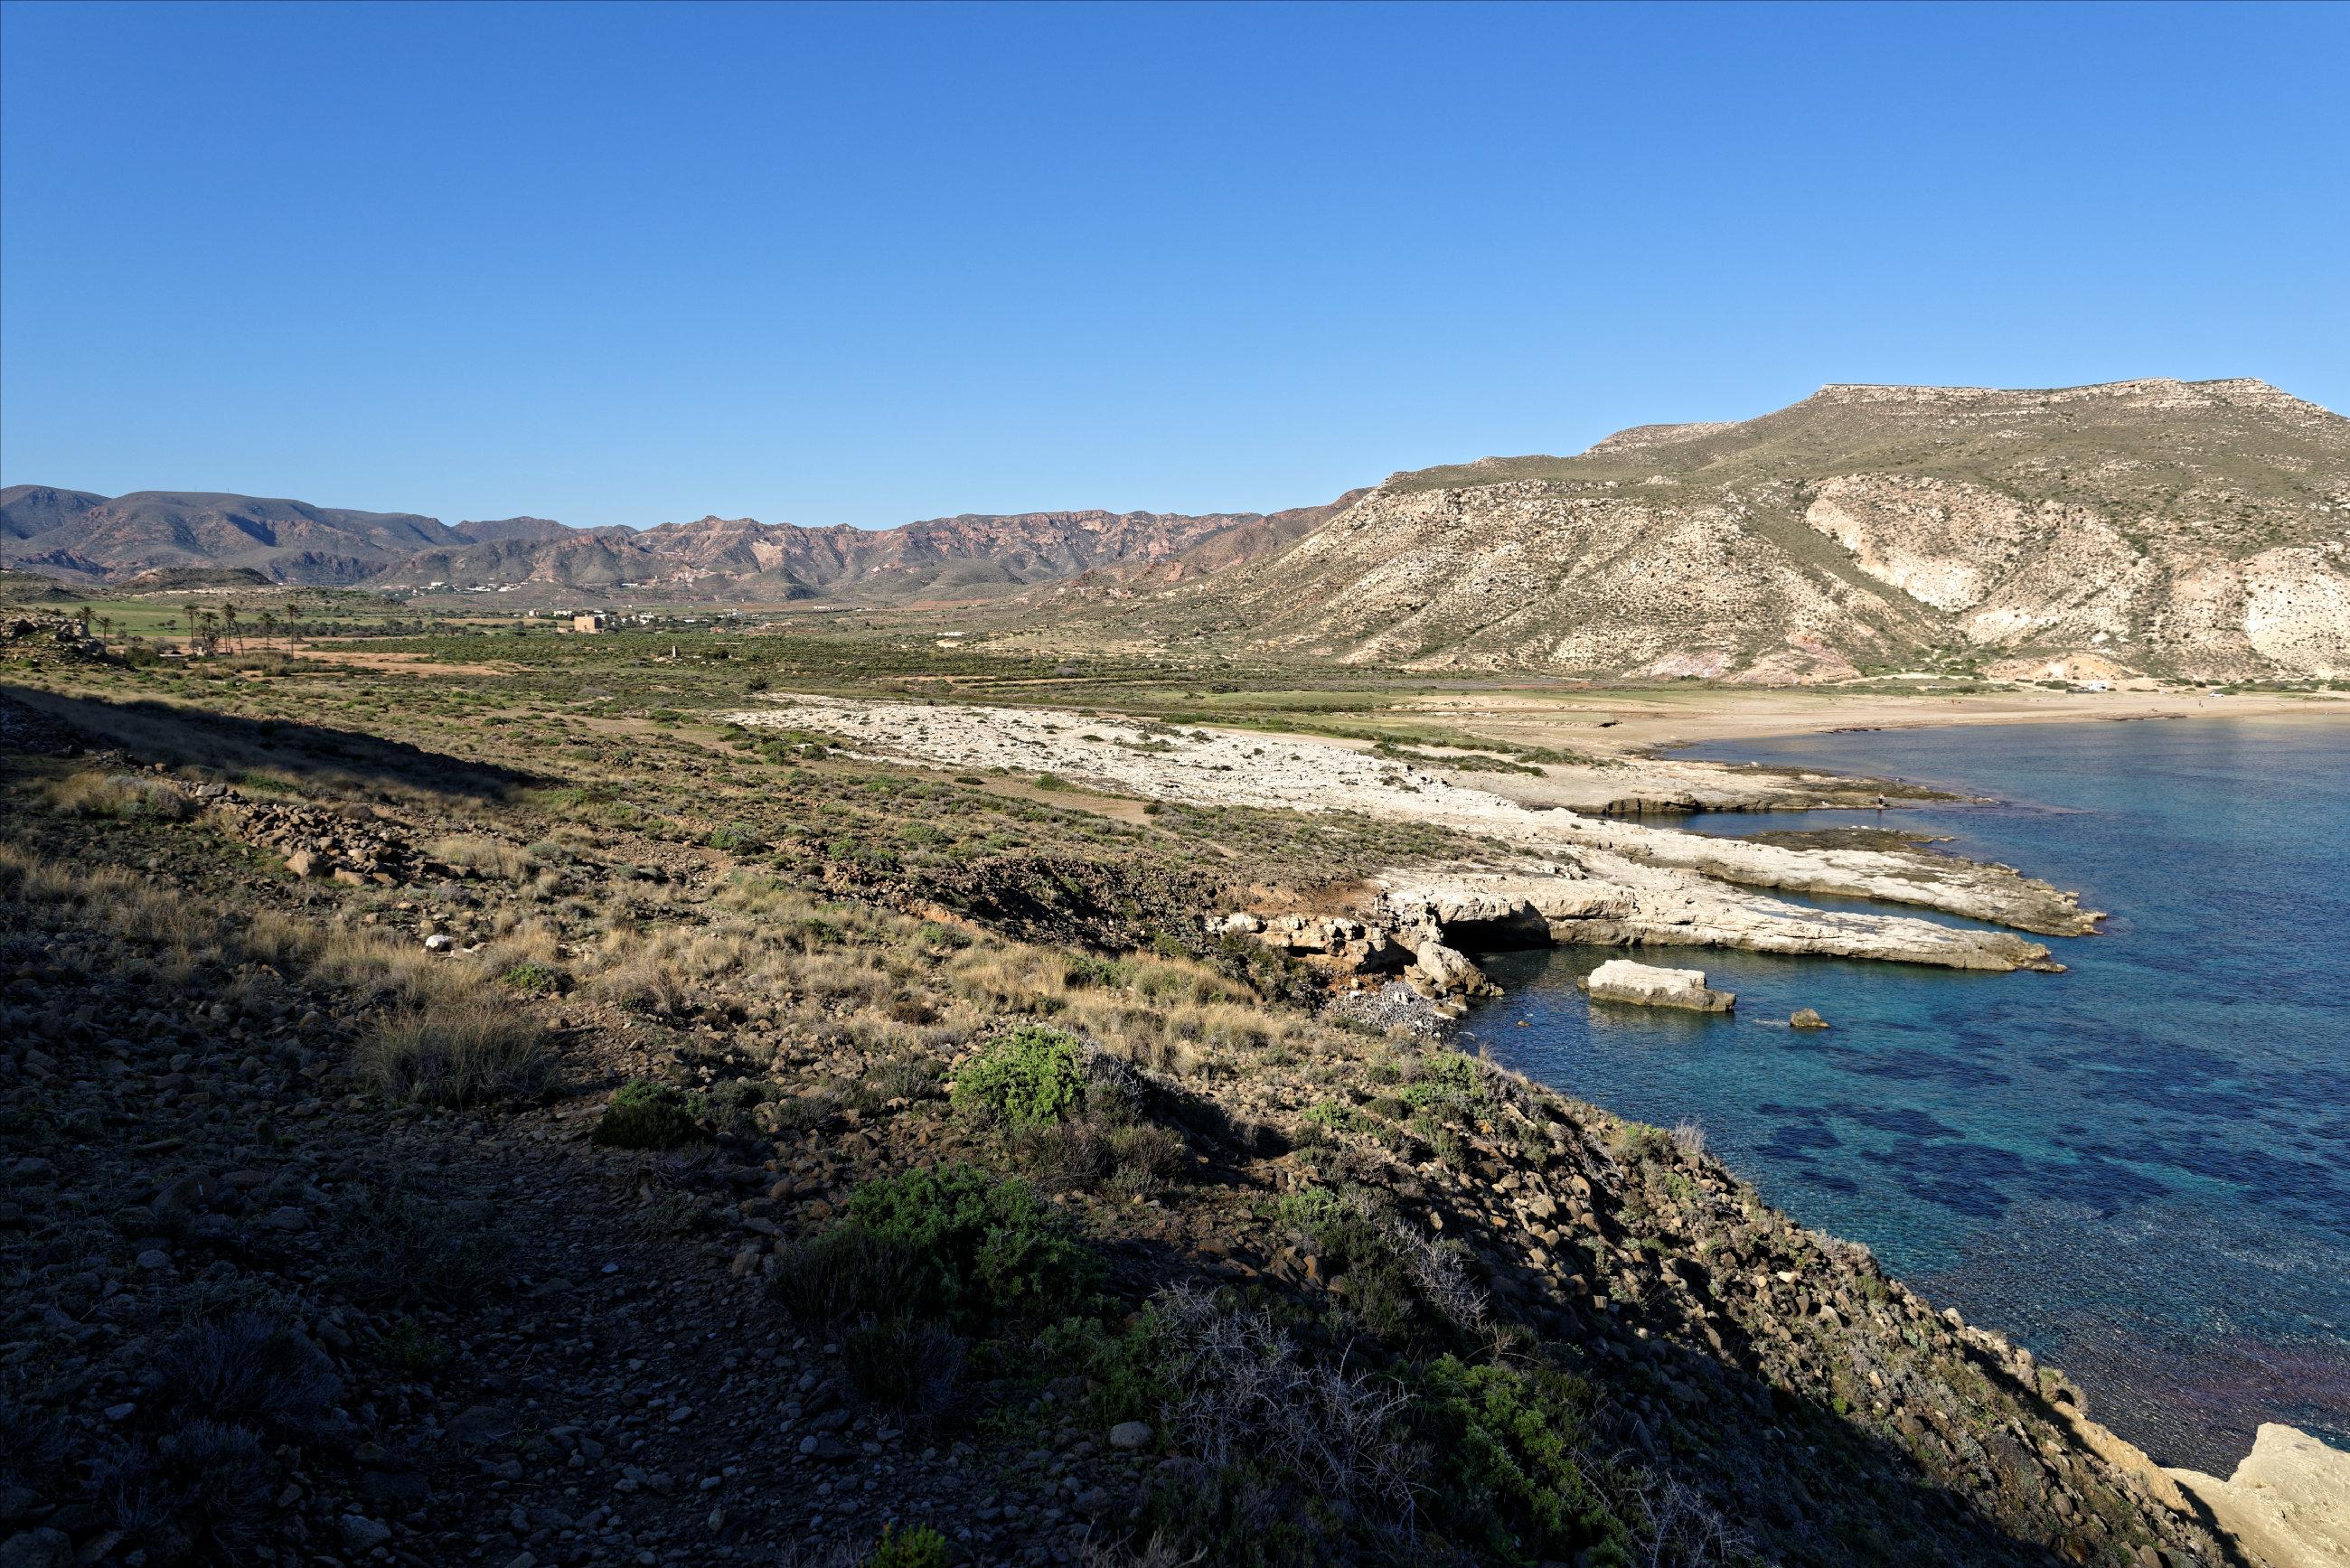 151106-Playa el Playazo (17)